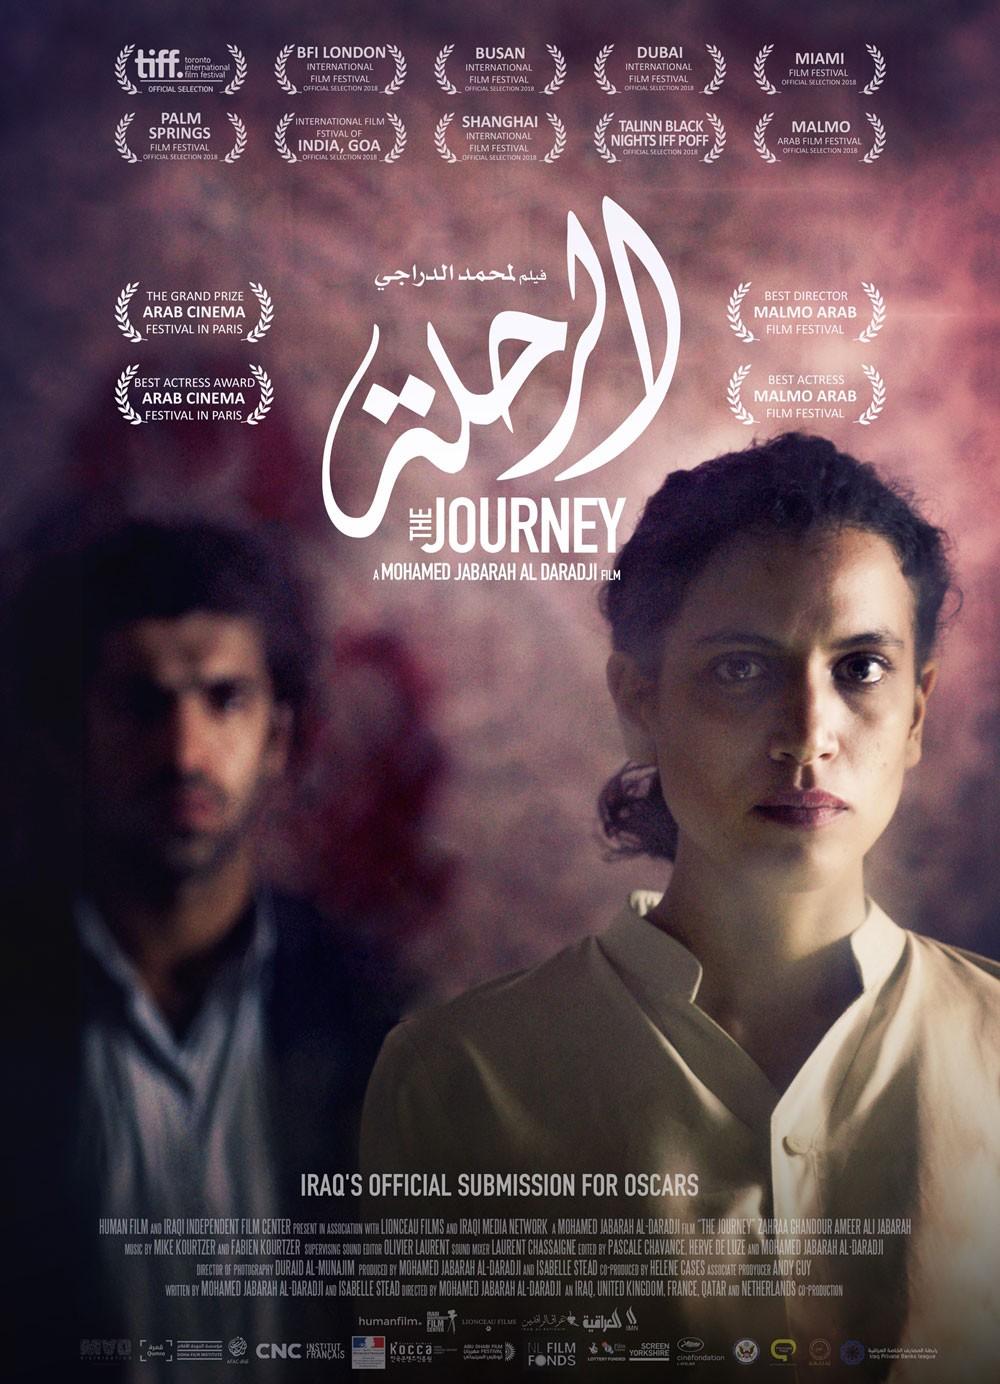 عرض فيلم الرحلة للمخرج محمد الدراجي في سينما عقيل لمدة أسبوع